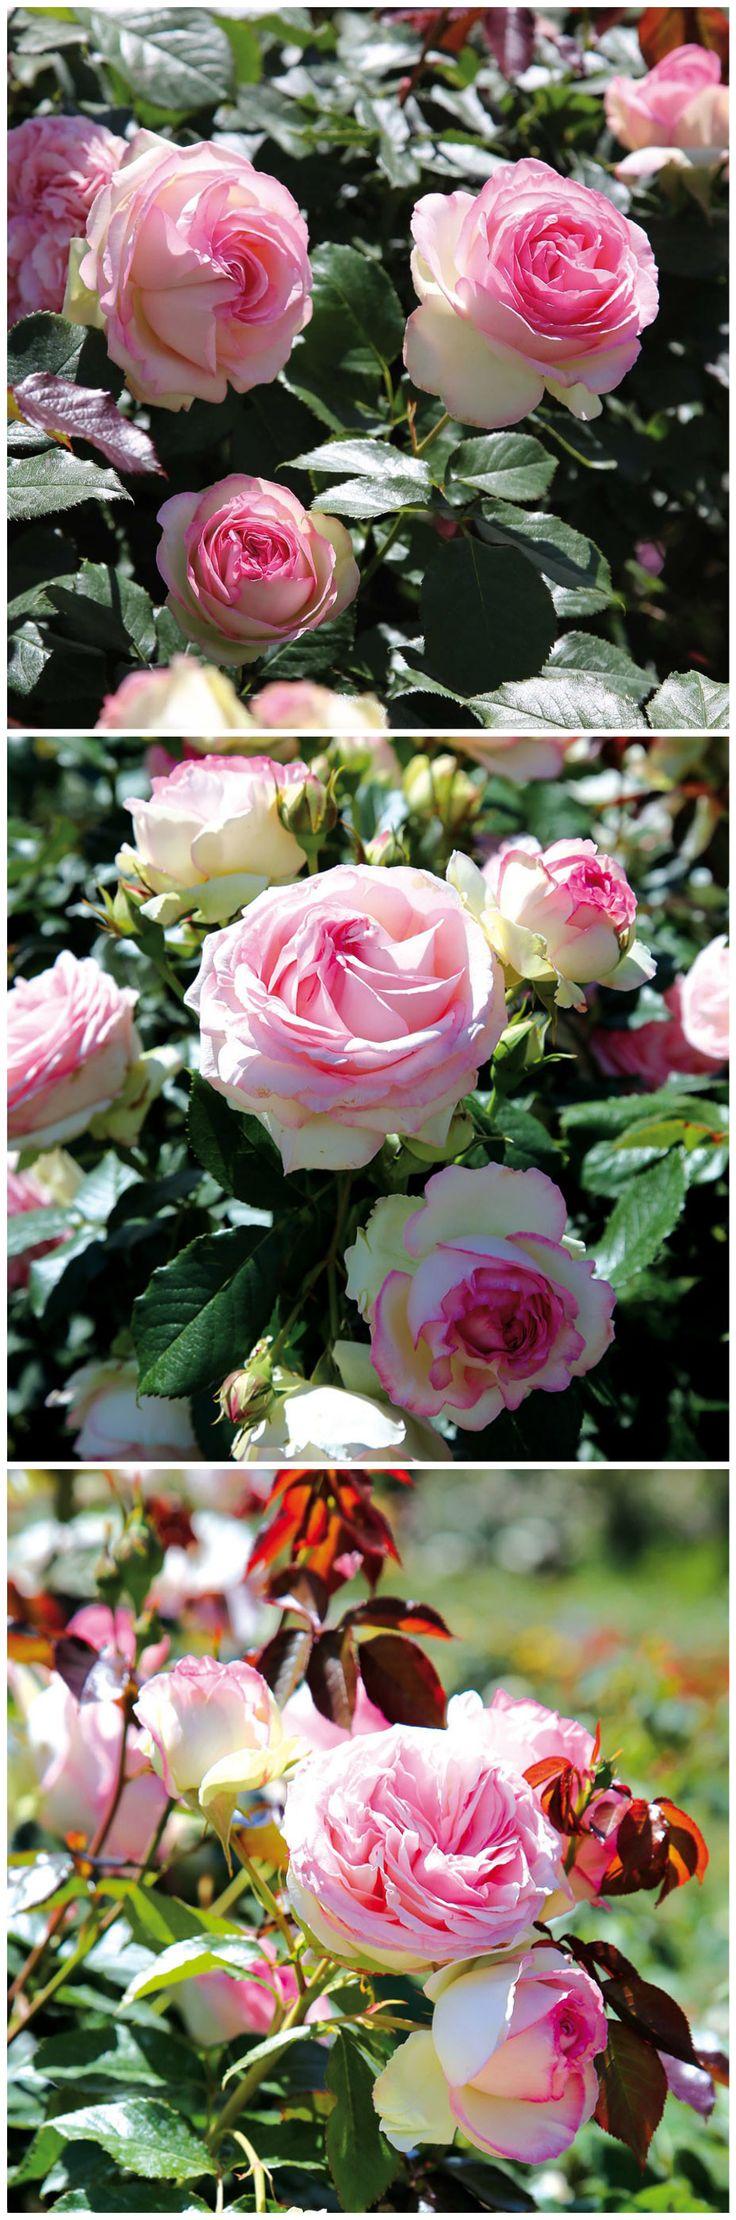 Inspirational Die Strauchrose uEden Rose u verstr mt einen tollen Rosenduft Ihre Bl ten sind